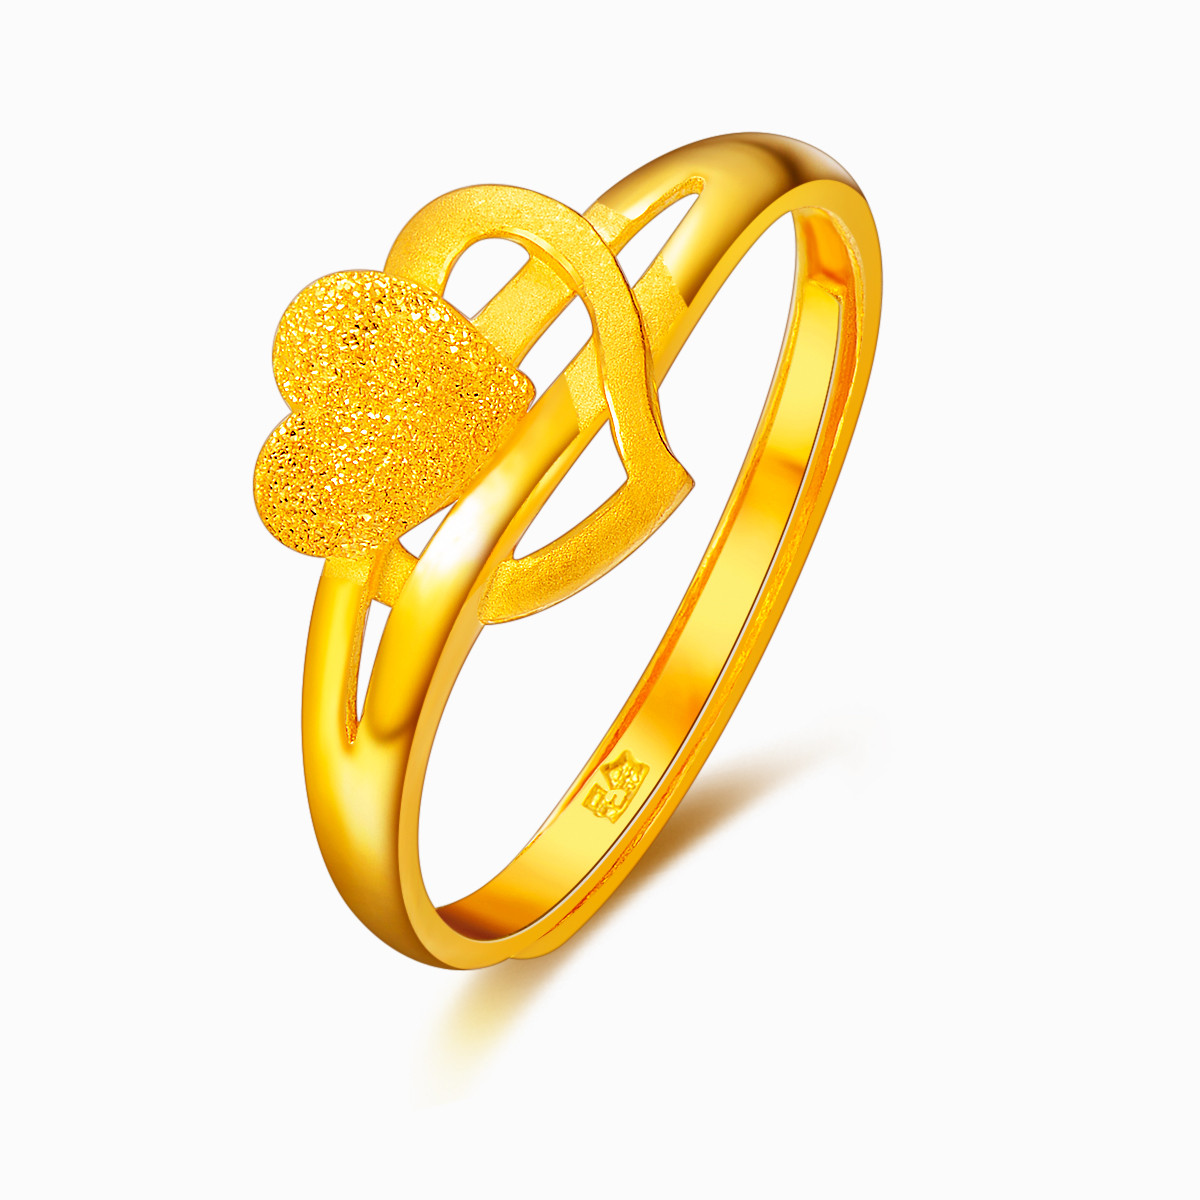 兆亮珠宝兆亮珠宝心心相印黄金 足金戒指女士食指戒尾戒GRW0P0019